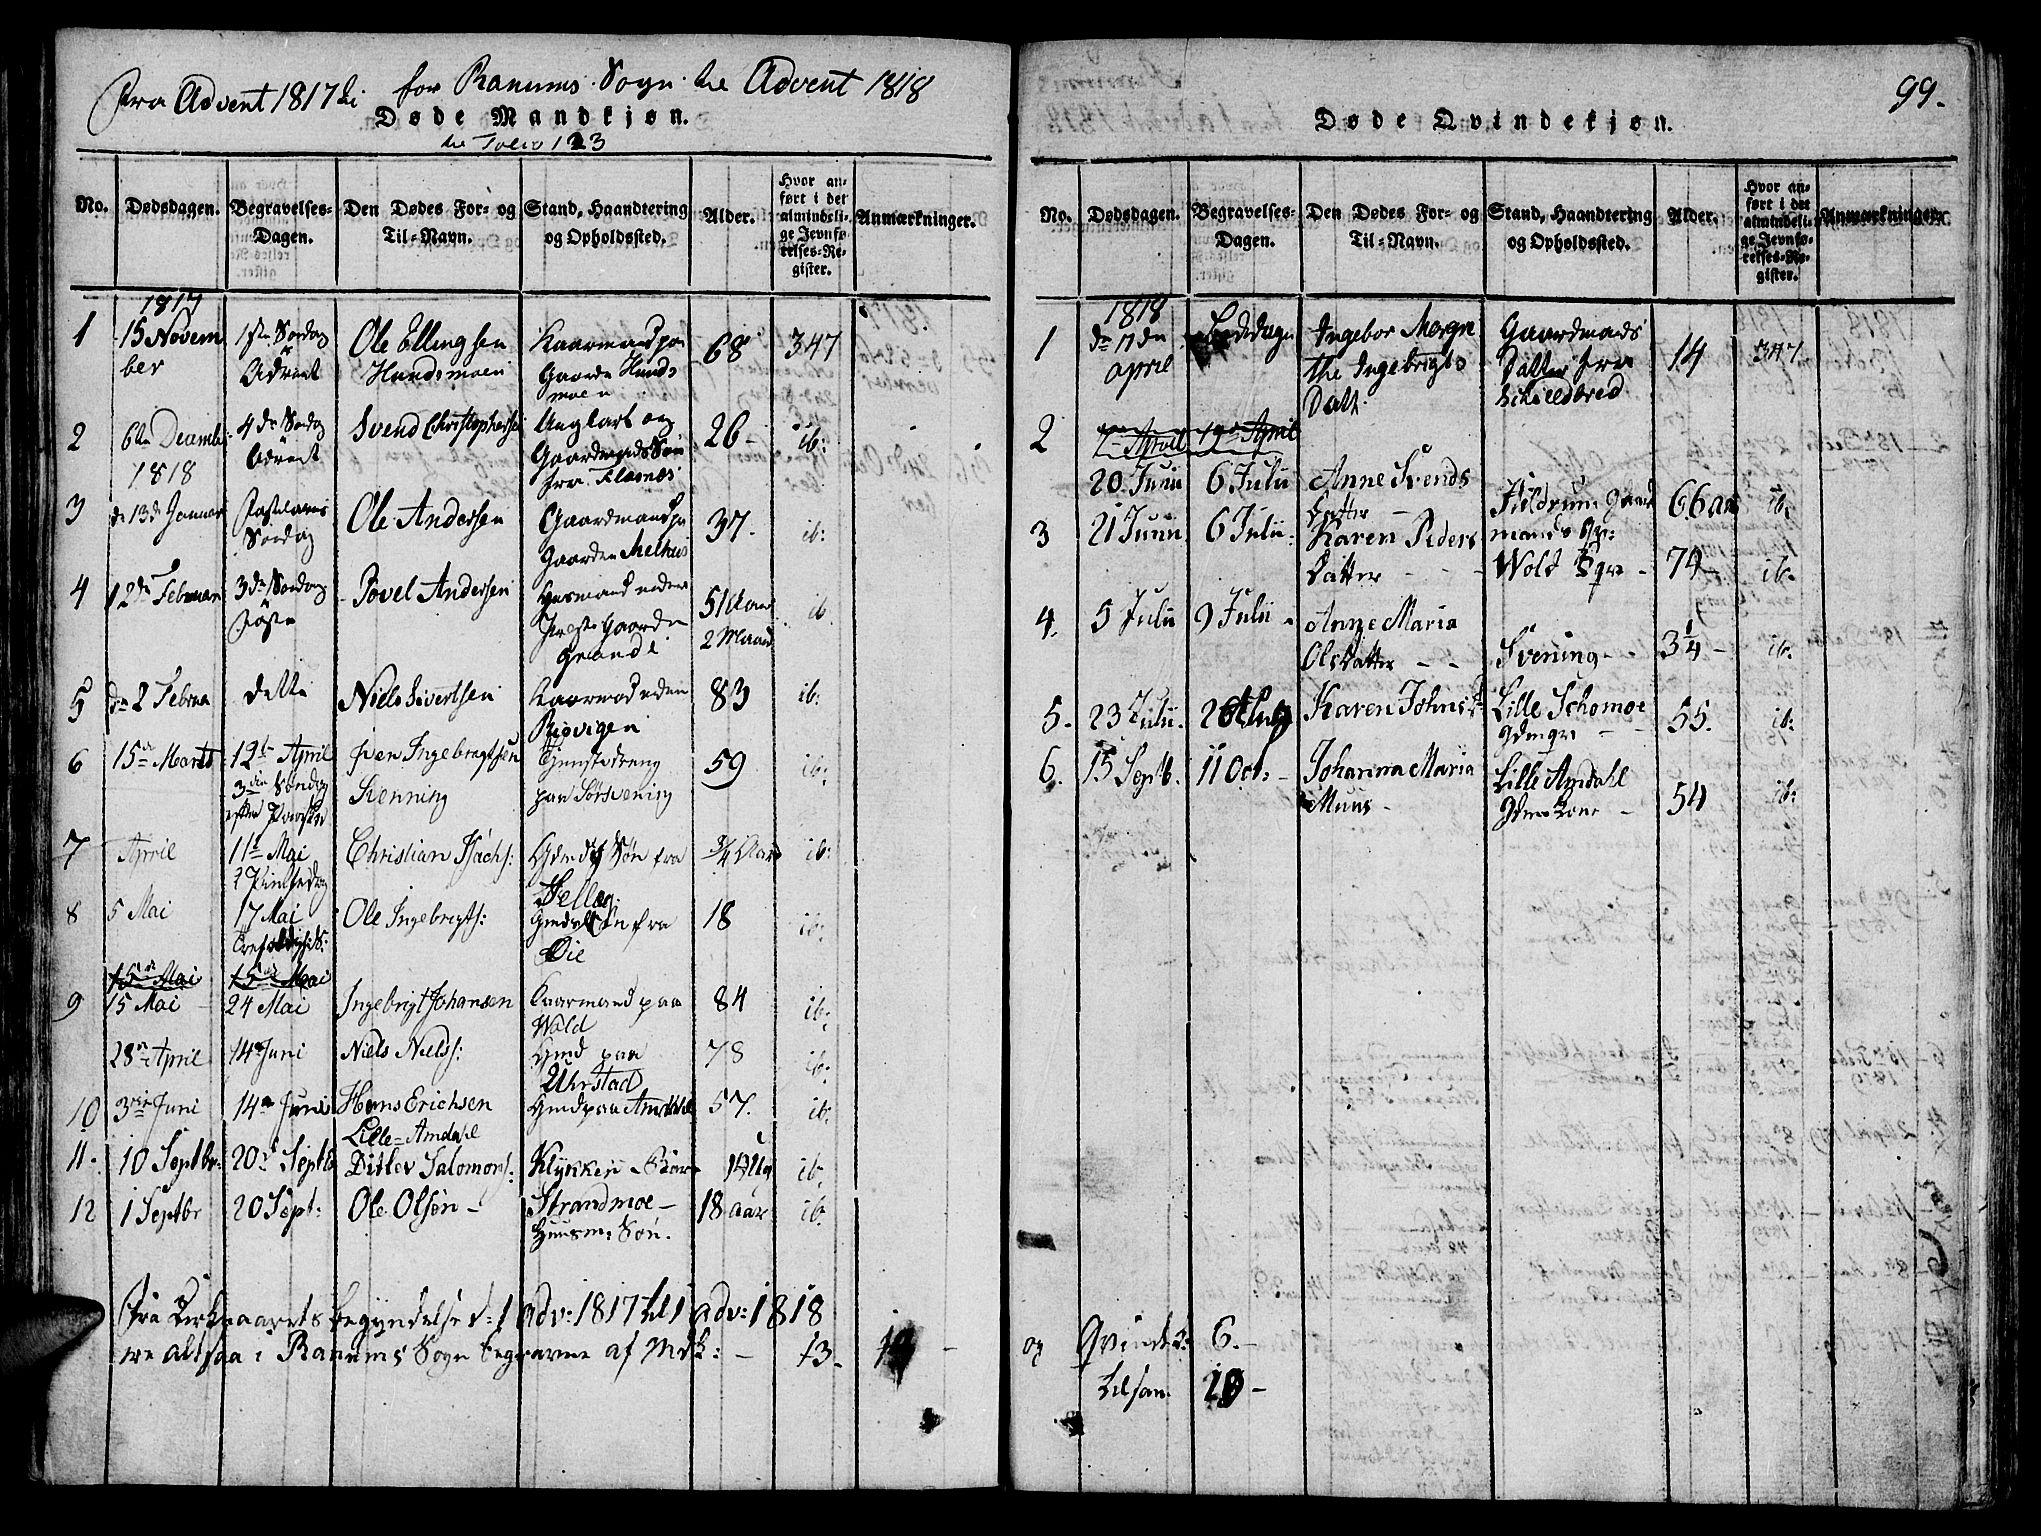 SAT, Ministerialprotokoller, klokkerbøker og fødselsregistre - Nord-Trøndelag, 764/L0546: Ministerialbok nr. 764A06 /1, 1816-1823, s. 99